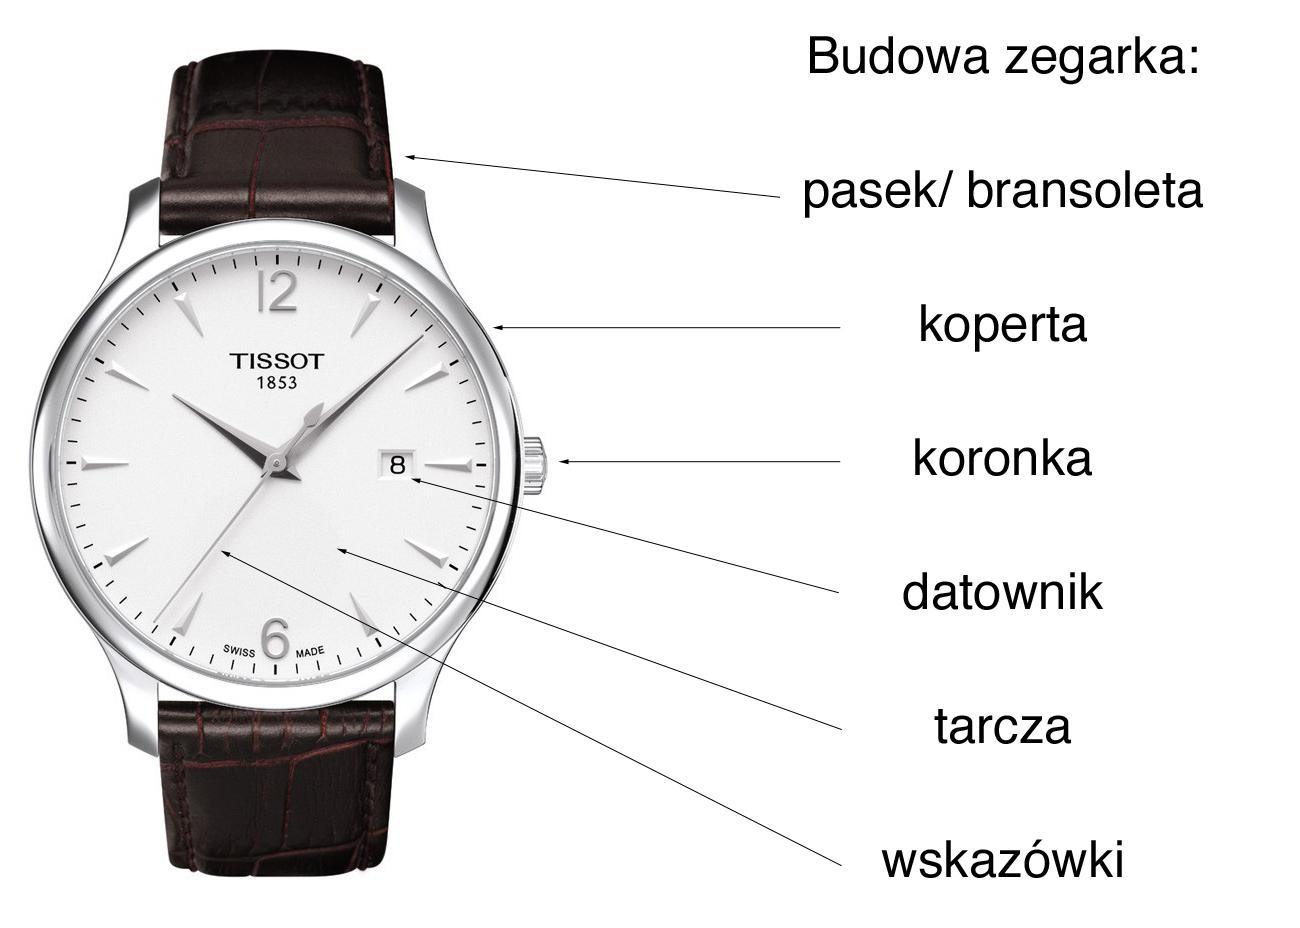 Budowa zegarka - meski zegarek